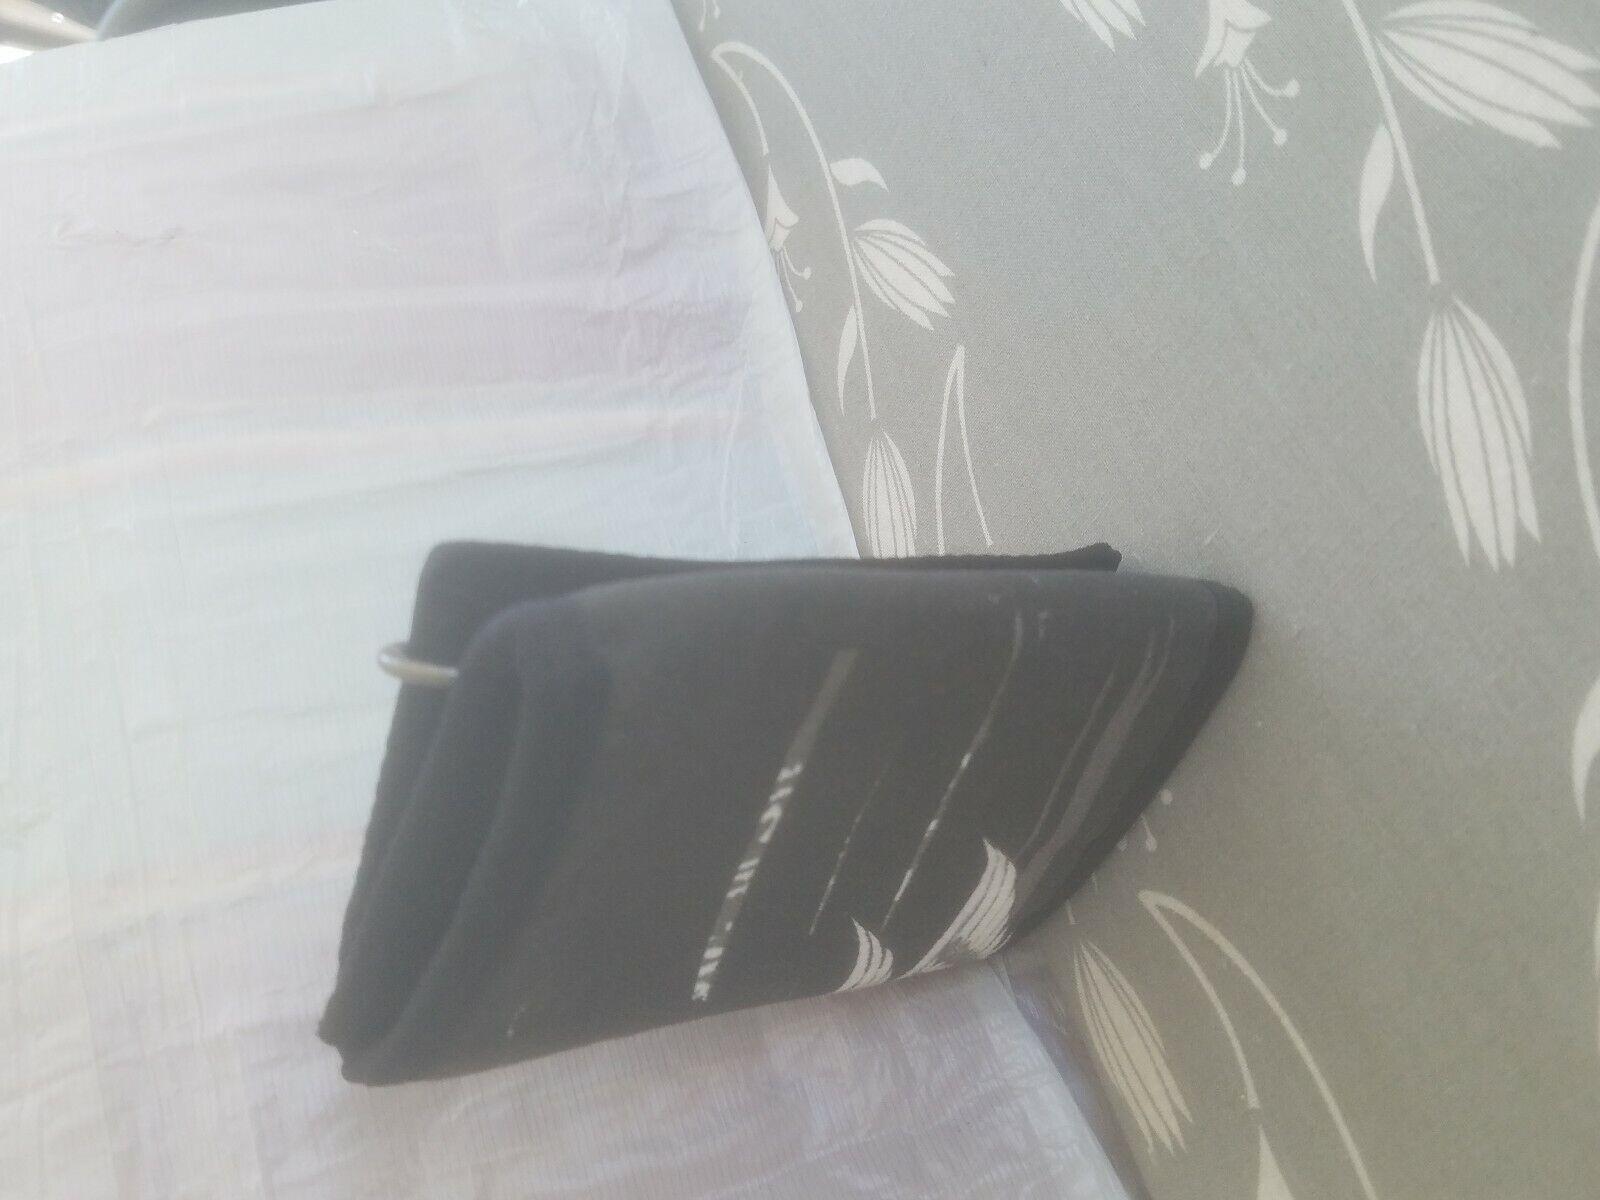 Mens billfold wallet used